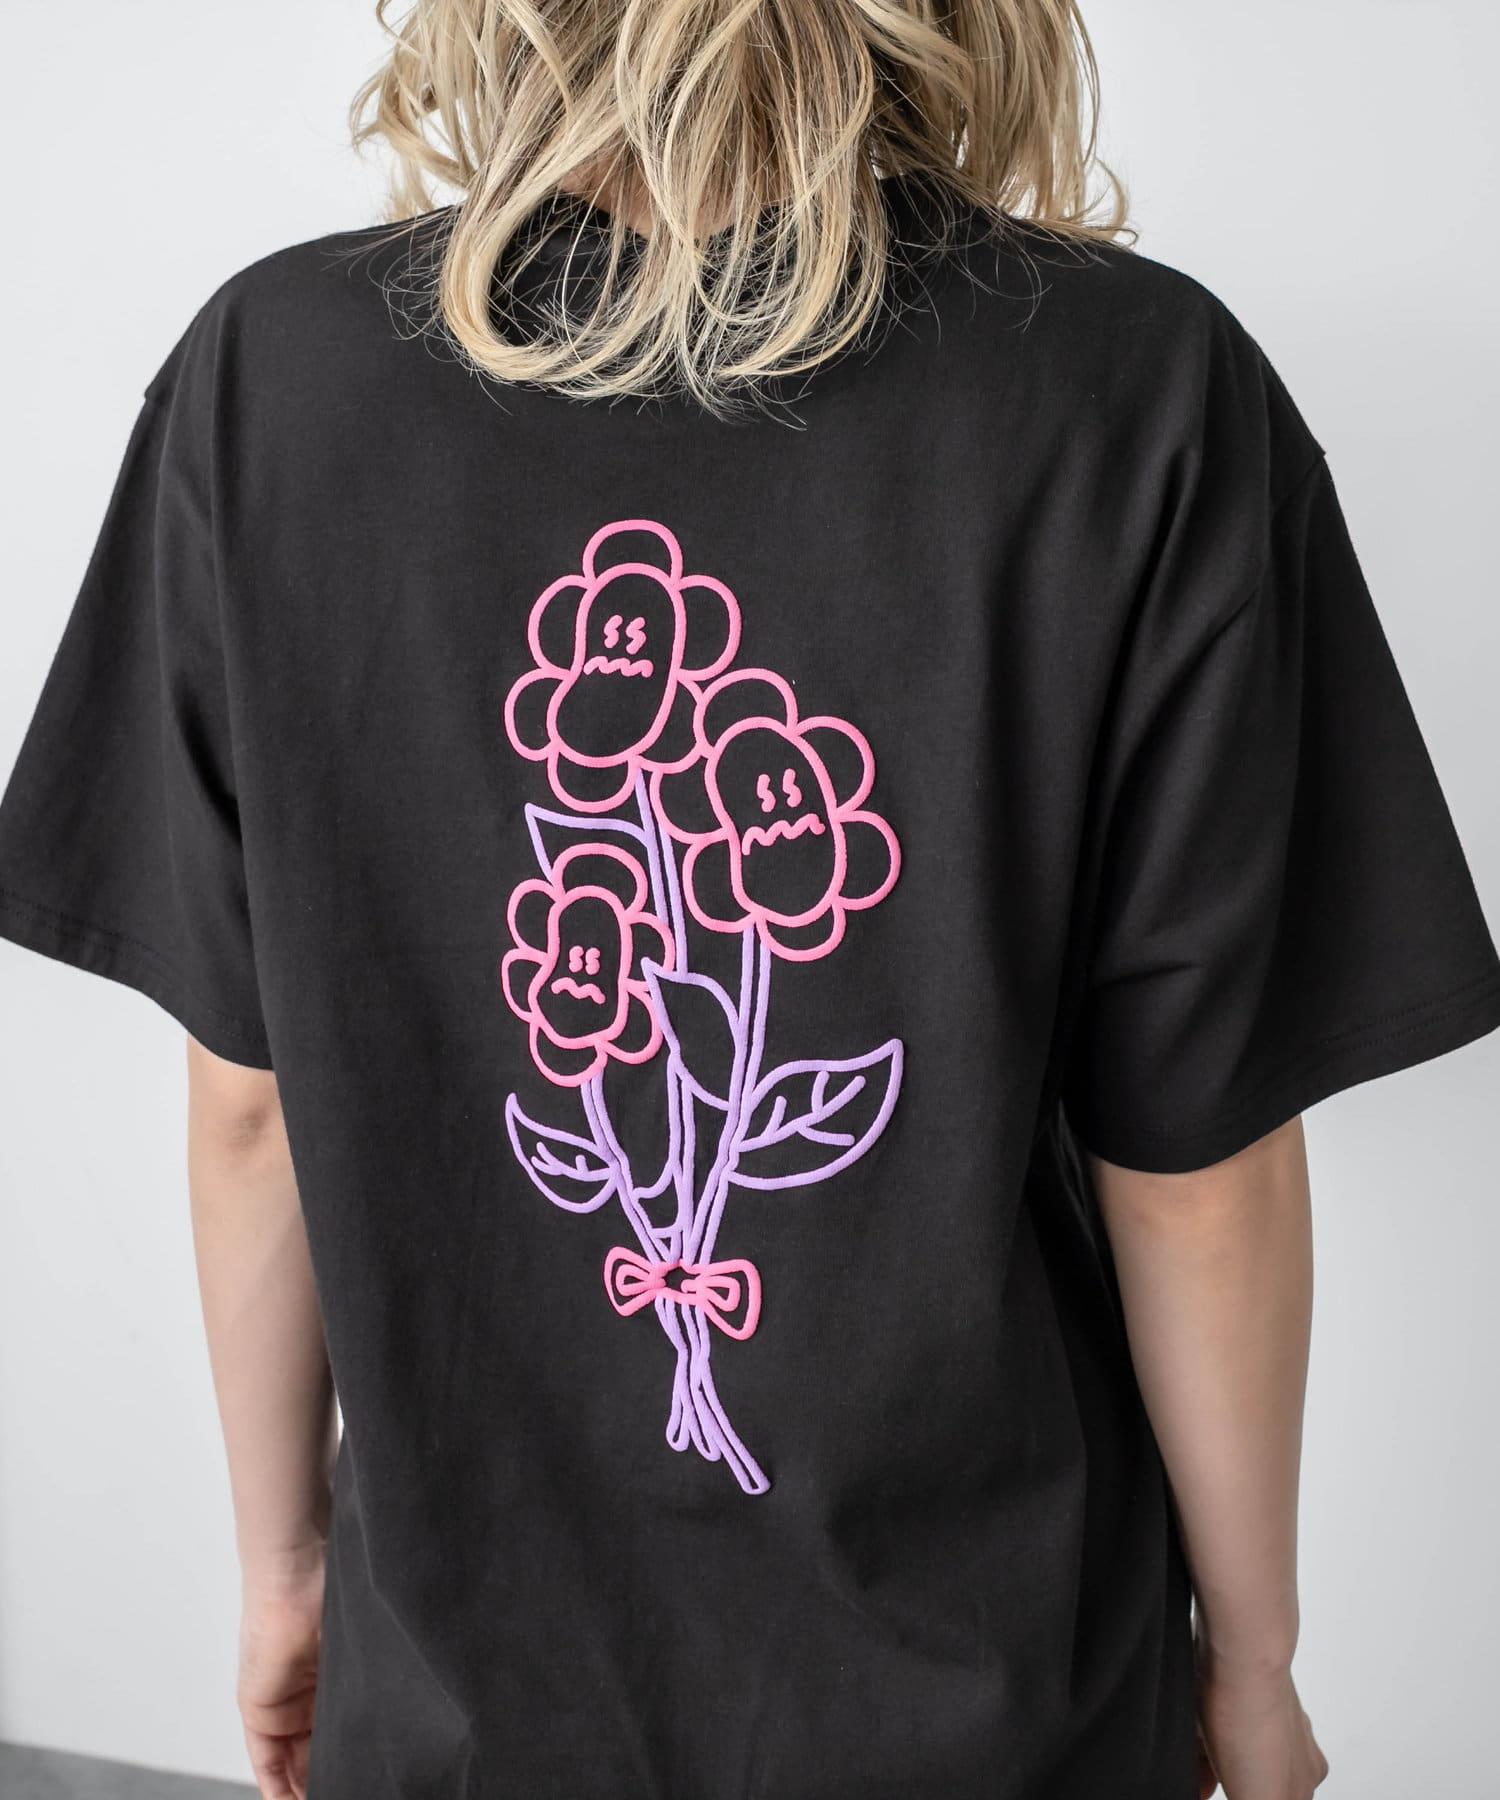 RASVOA(ラスボア) フラワー?Tシャツ